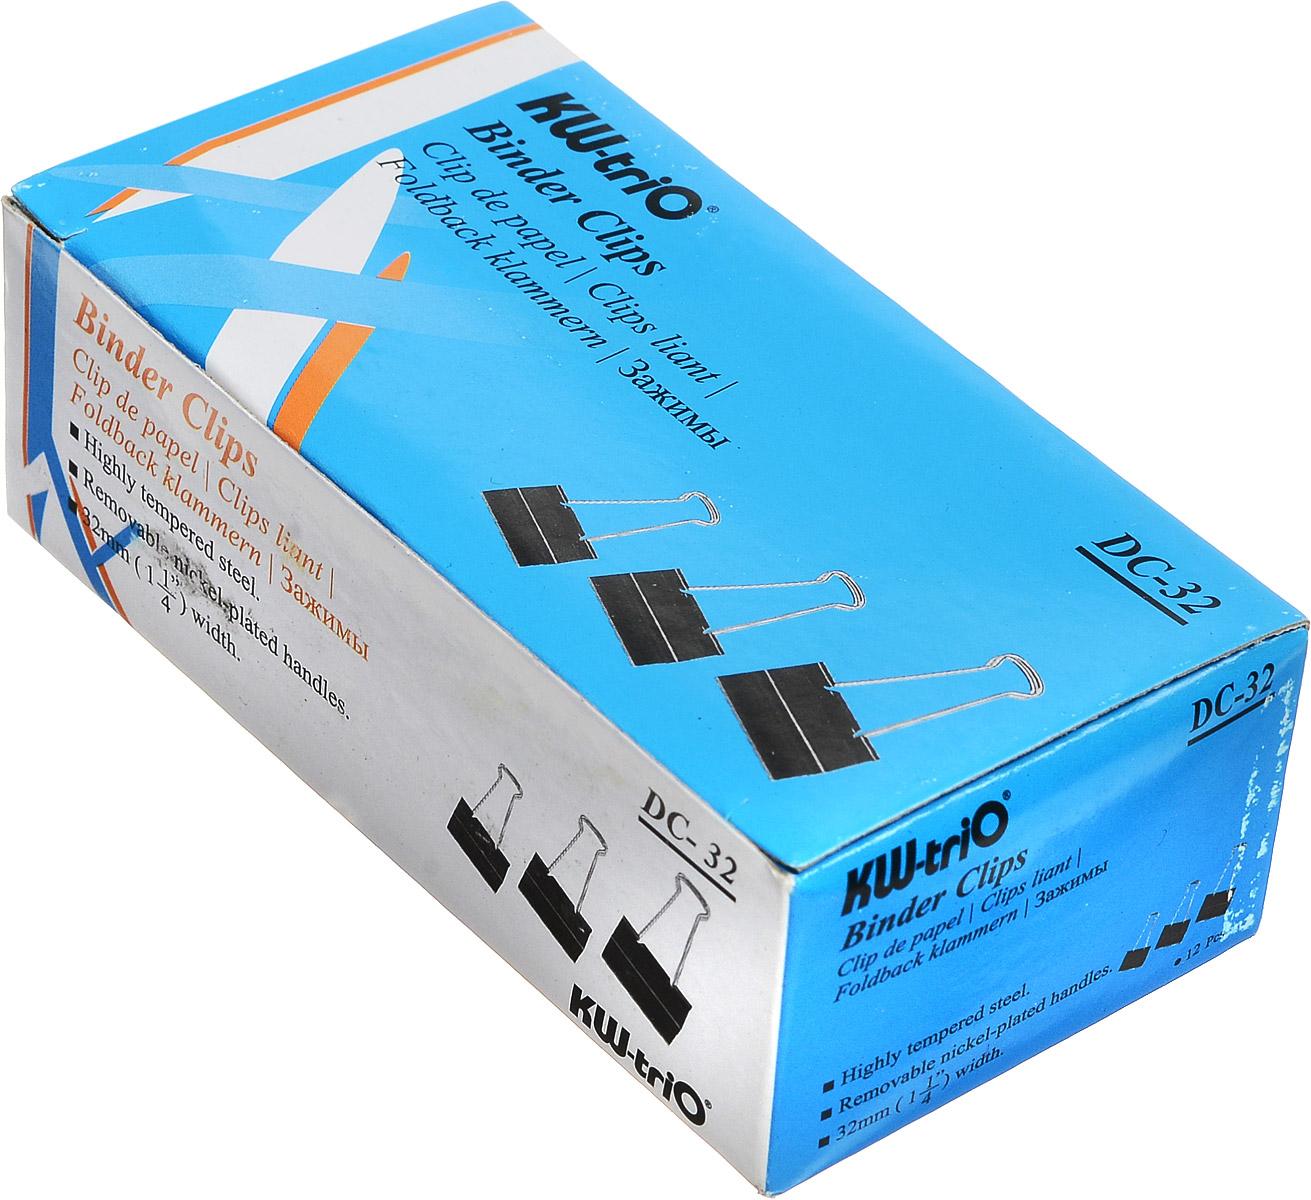 KW-Тrio Зажим для бумаг цвет черный 32 мм 12 шт99071Зажим для бумаг KW-Тrio предназначен для скрепления бумажных носителей. Зажим выполнен из металла.В упаковке 12 зажимов черного цвета. Они надежно и легко скрепляют, не деформируют бумагу, не оставляют на ней следов.